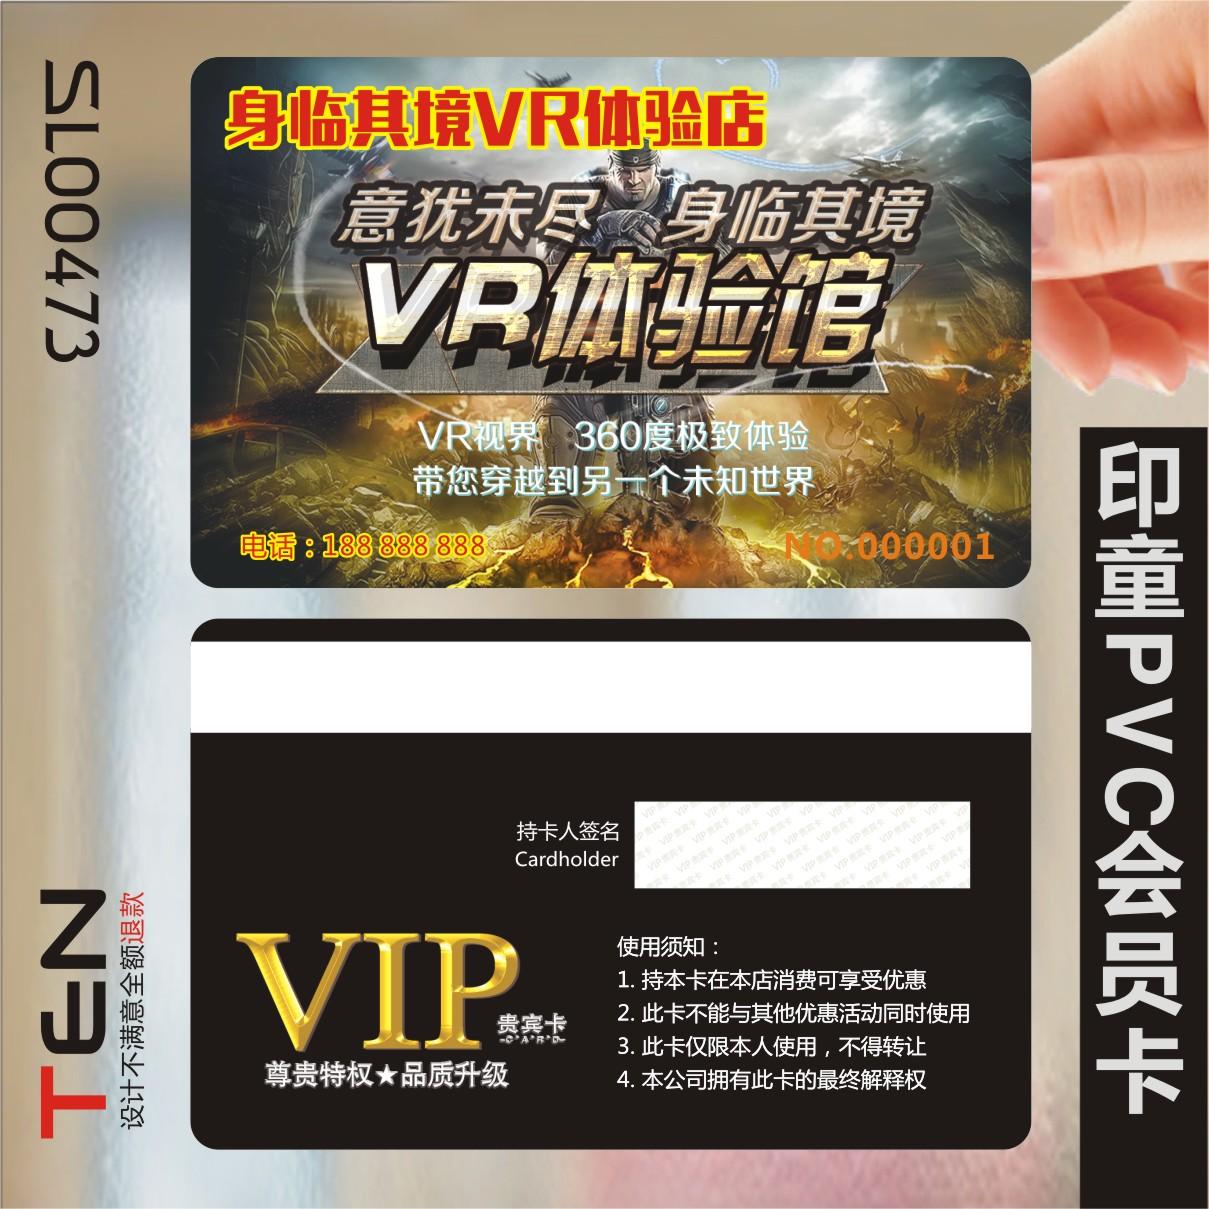 VR眼镜科技百货家电维修售卖彩电视热水器会员卡sl00473,可领取3元天猫优惠券